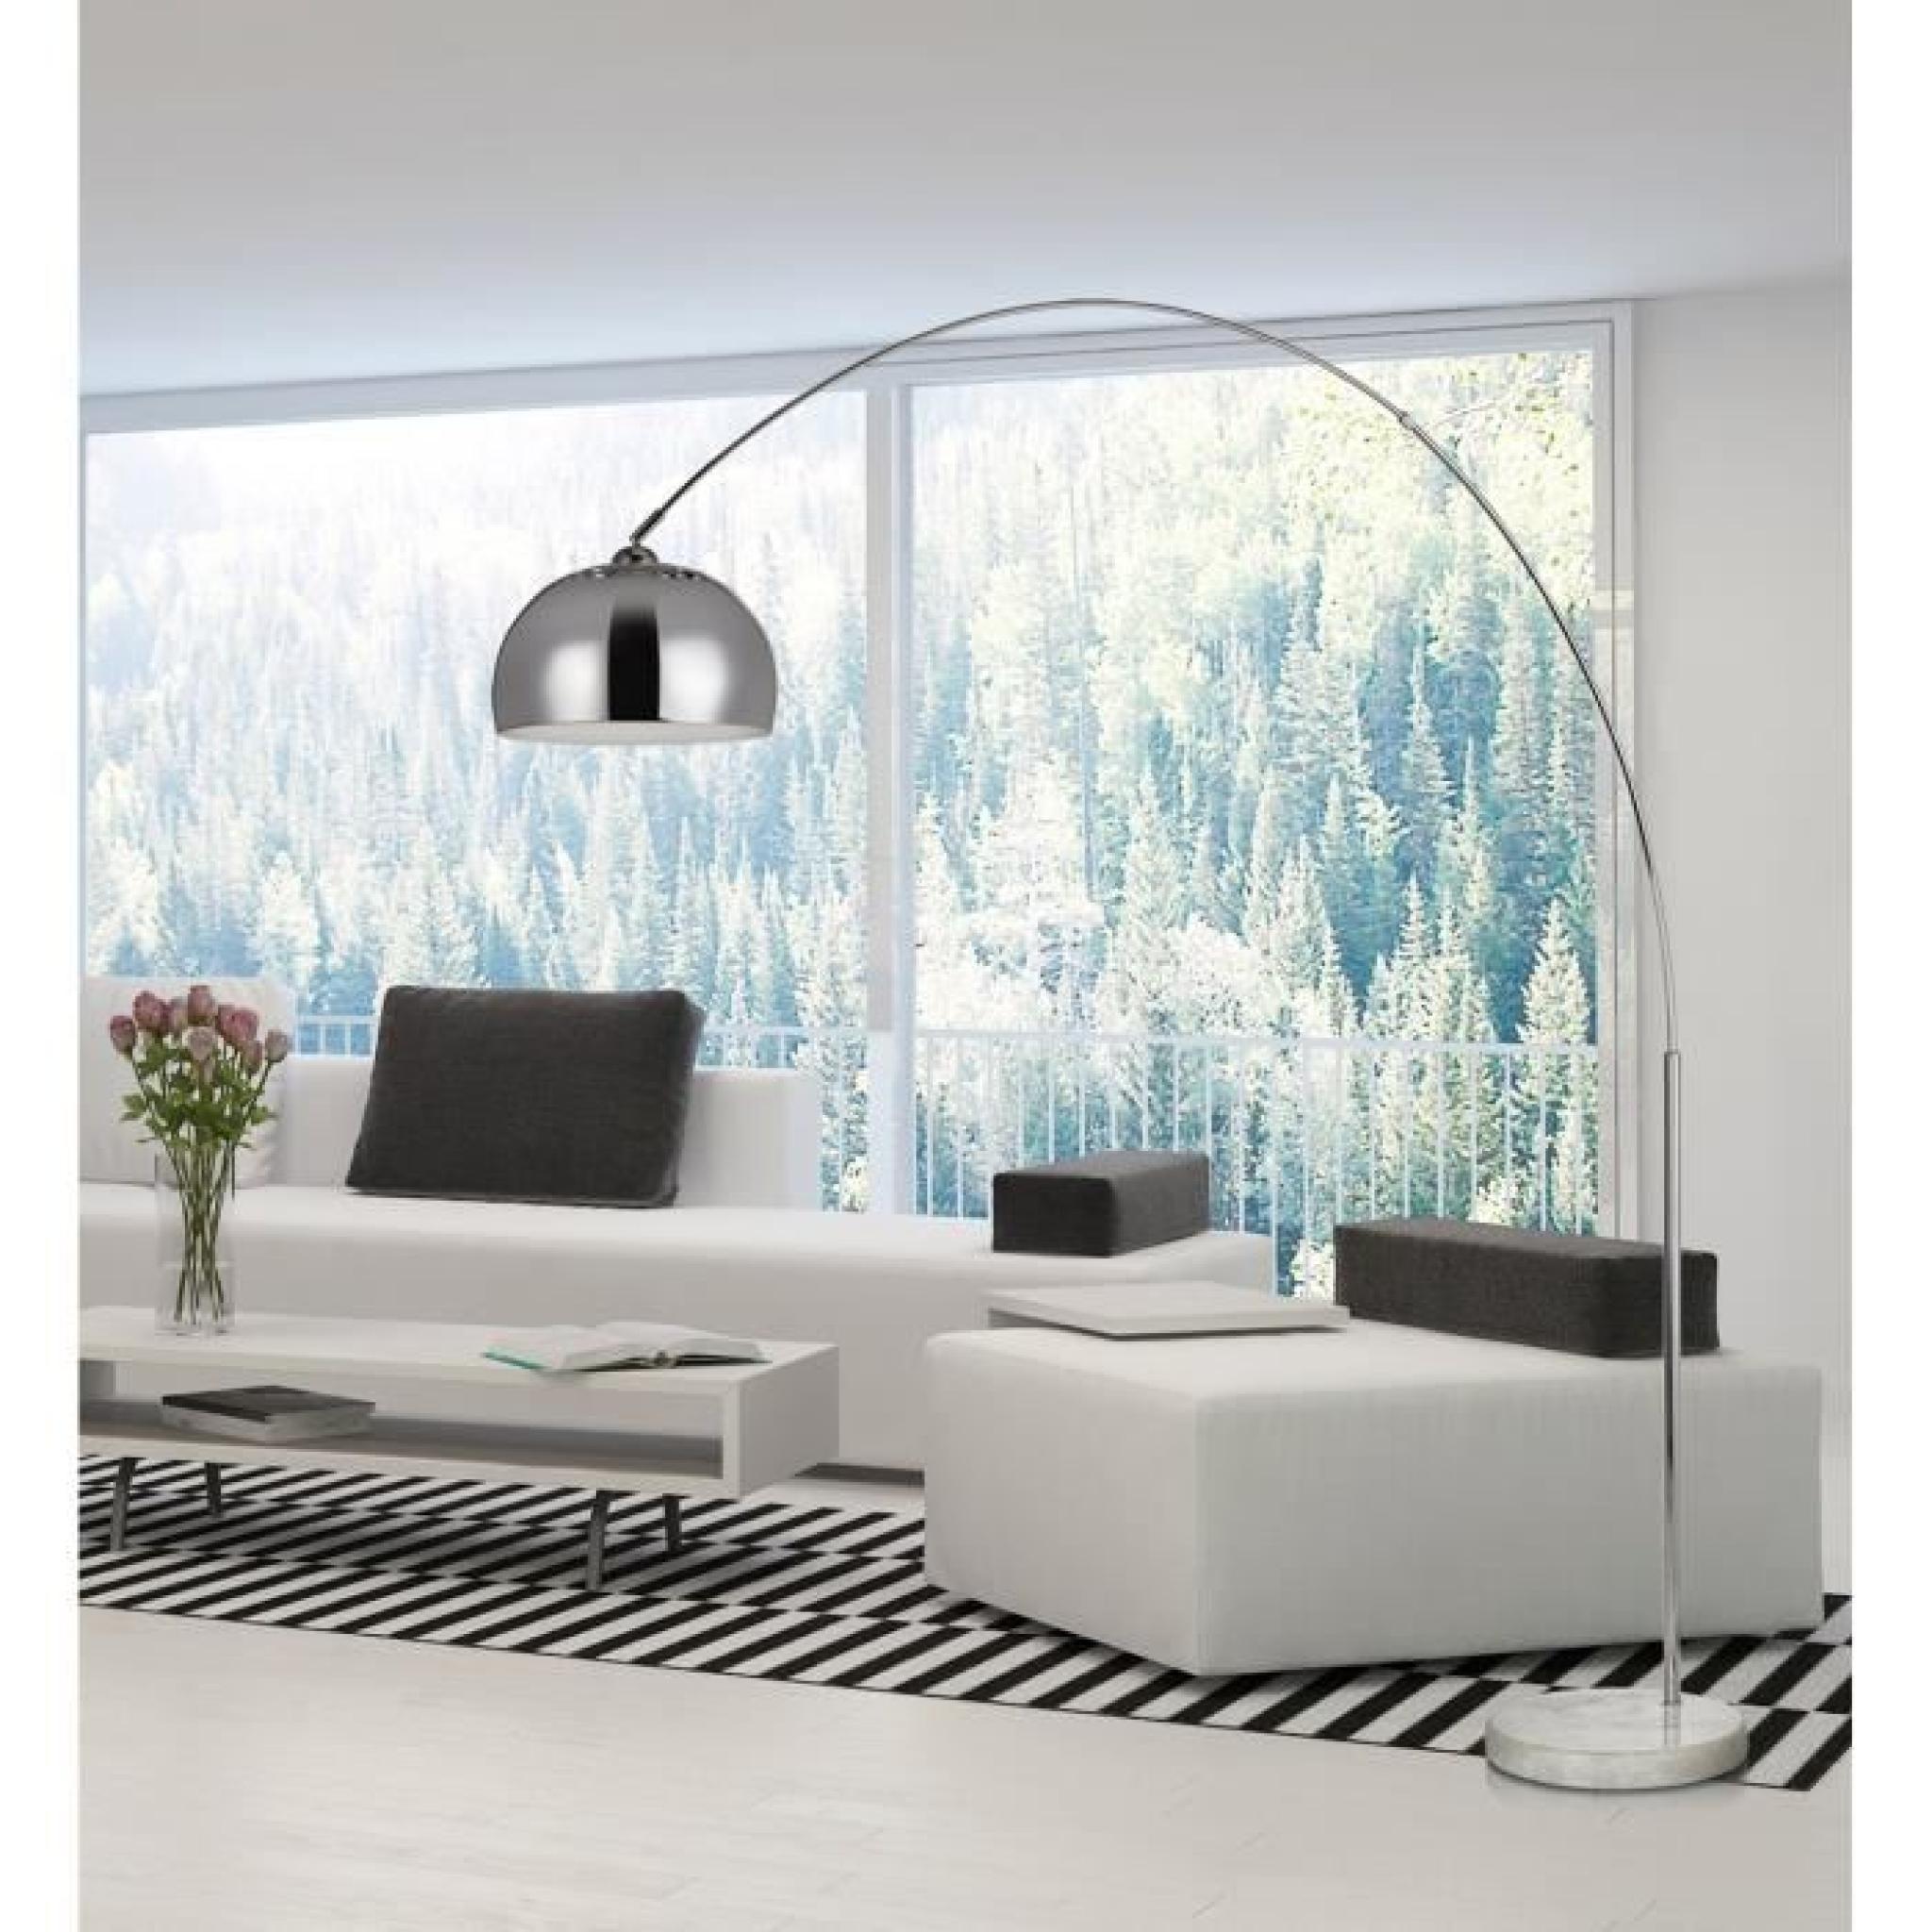 bigarc lampadaire arc h202 chrome achat vente lampadaire. Black Bedroom Furniture Sets. Home Design Ideas